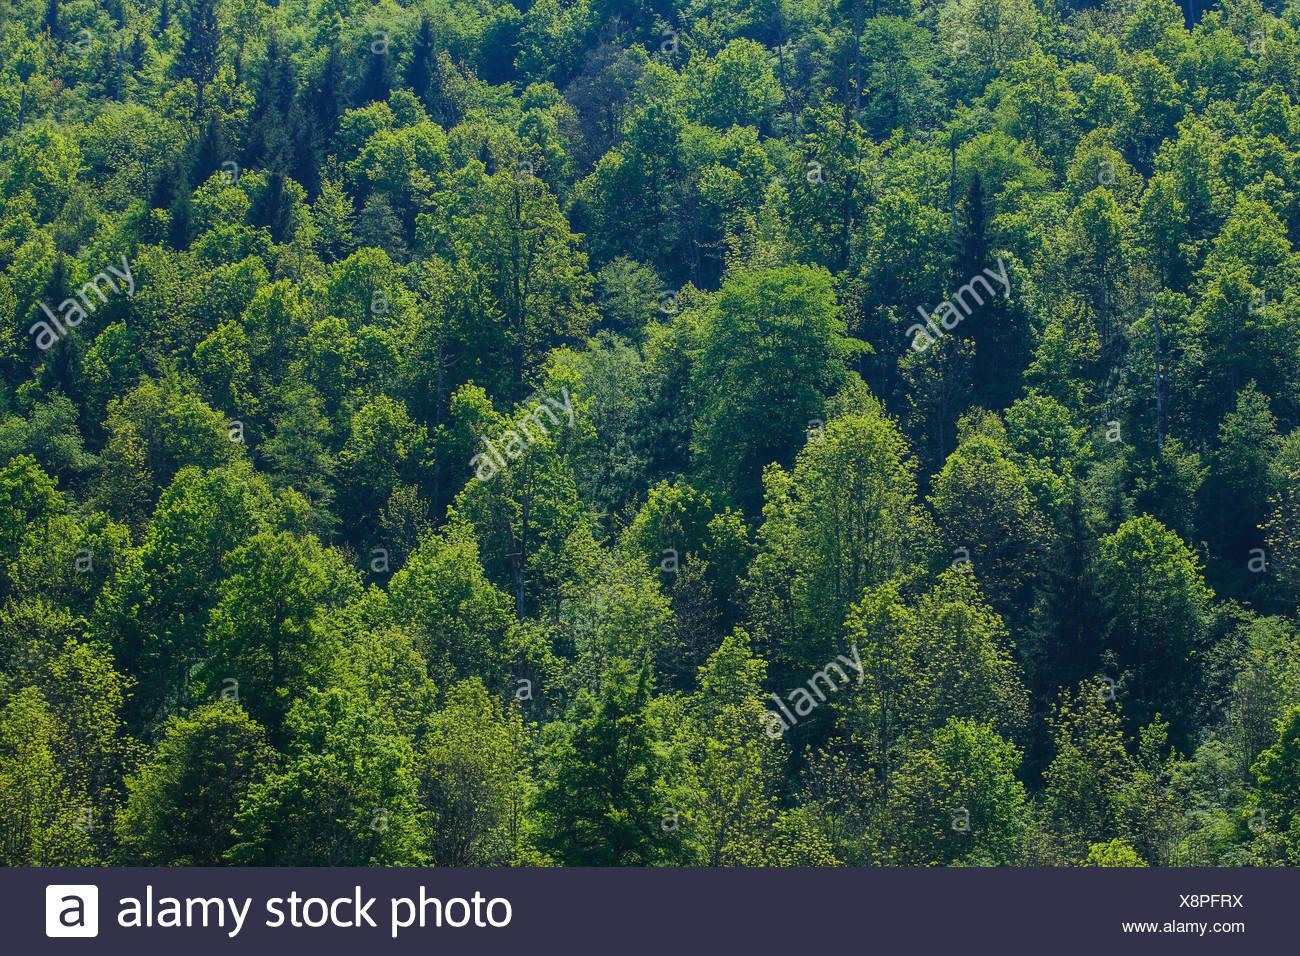 Schneiden, Teil, Baum, Buche, Bäume, Detail, Frühling, Kanton Glarus, Hintergrund, Abstrakt, grüne, Schweiz, Sommer, Holz, Wald Stockbild